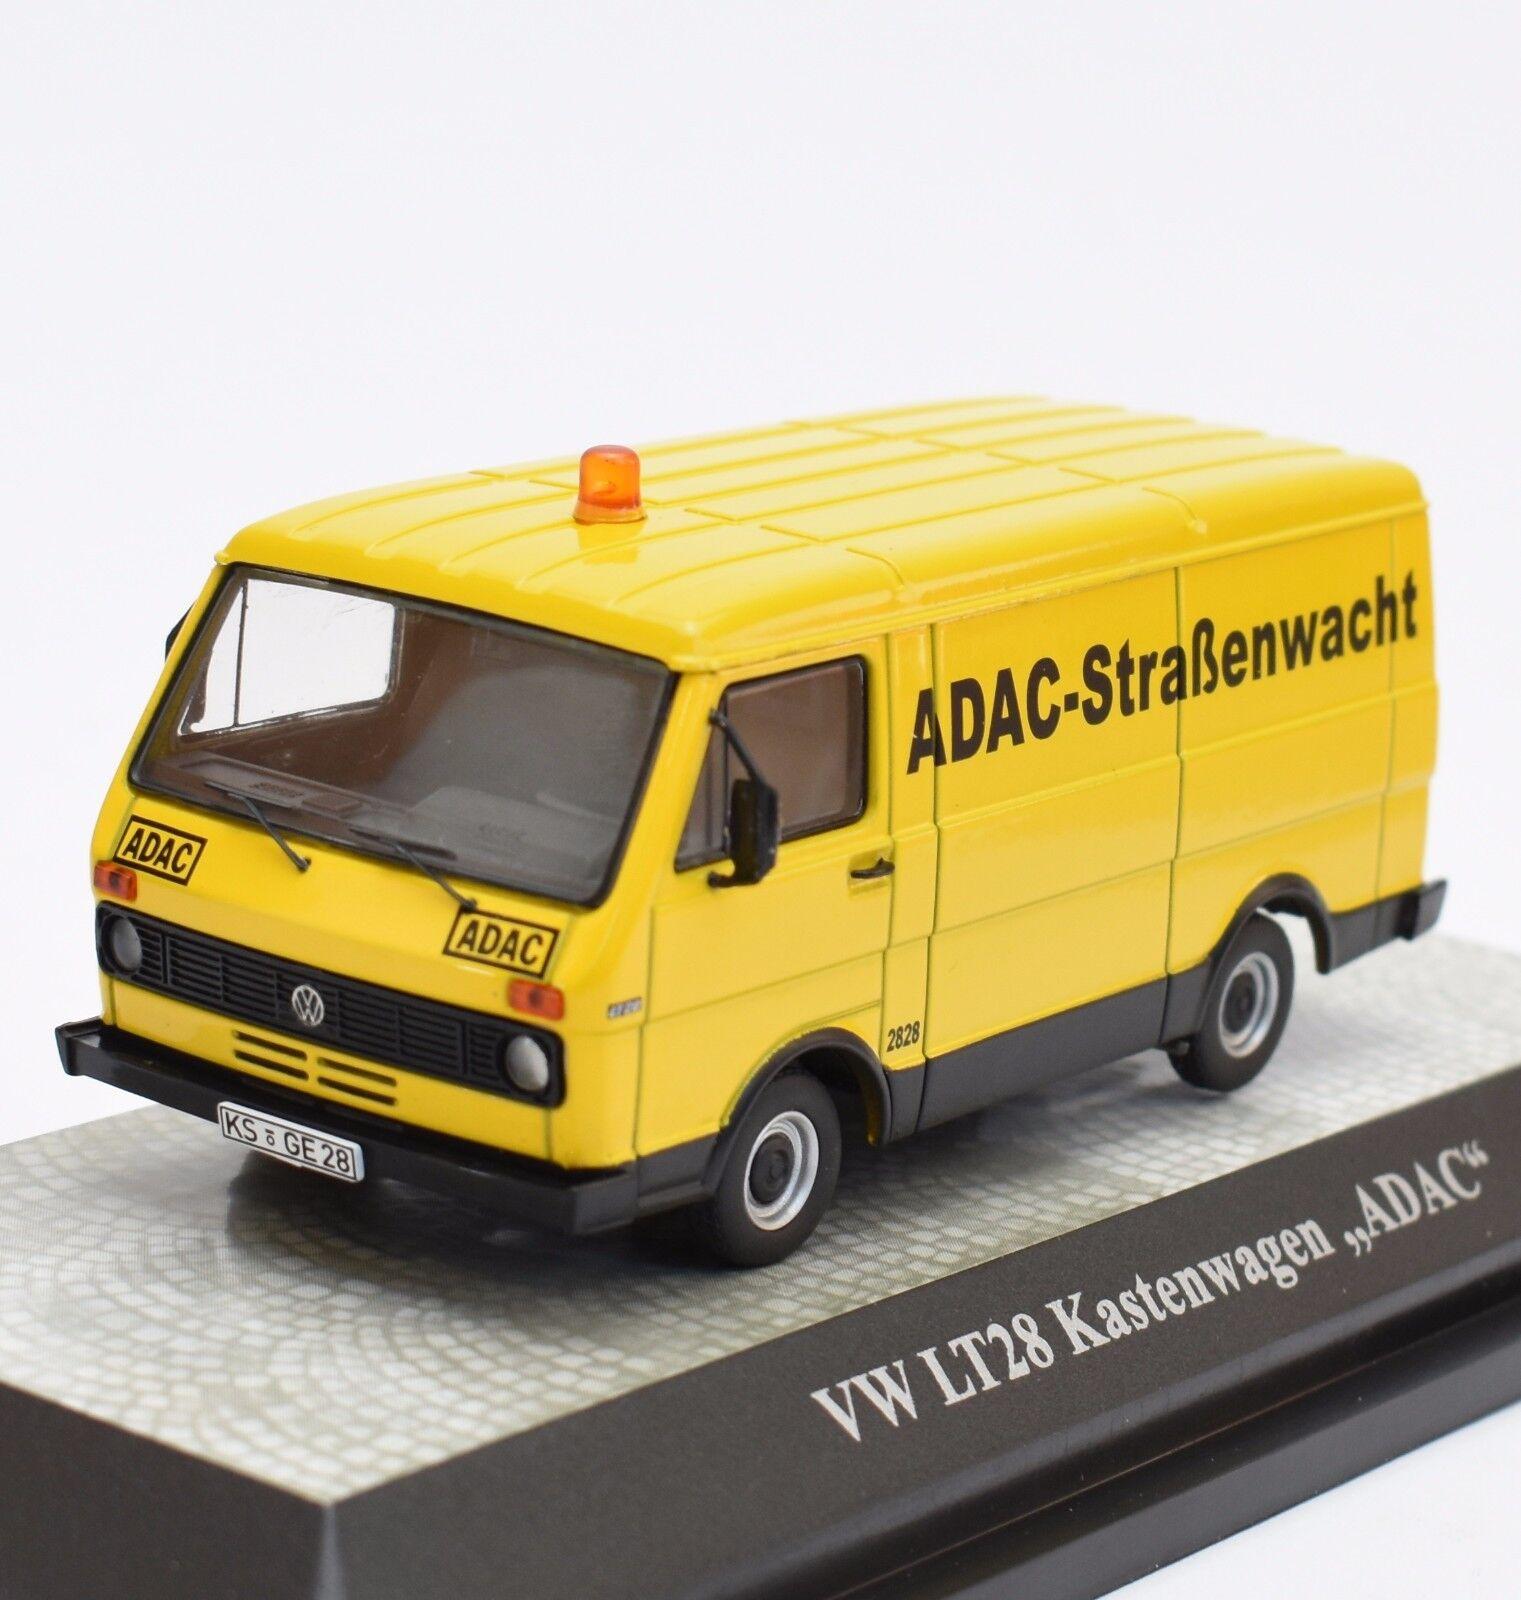 Premium ClassiXXs VW Volkswagen LT 28 ADAC Straßenwacht, 1 43 ,OVP, B304    Sonderaktionen zum Jahresende